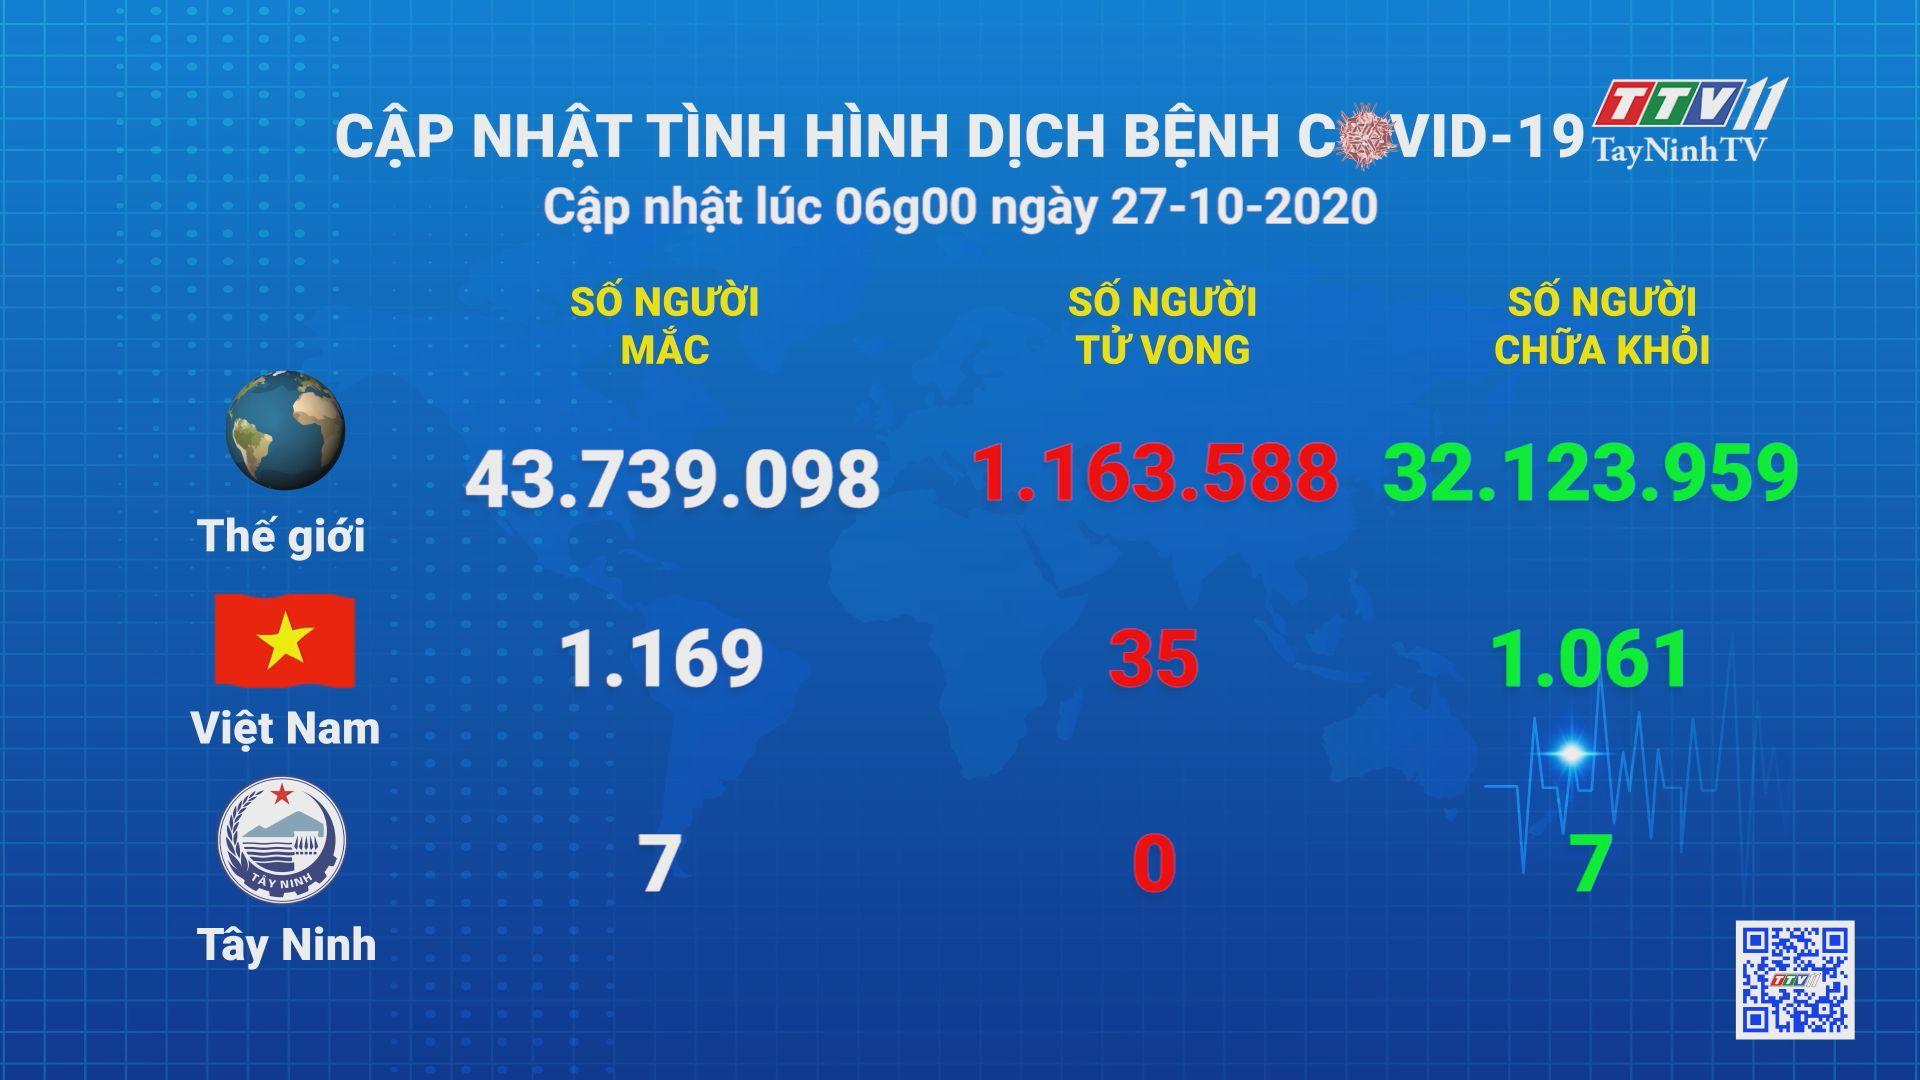 Cập nhật tình hình Covid-19 vào lúc 06 giờ 27-10-2020 | Thông tin dịch Covid-19 | TayNinhTV